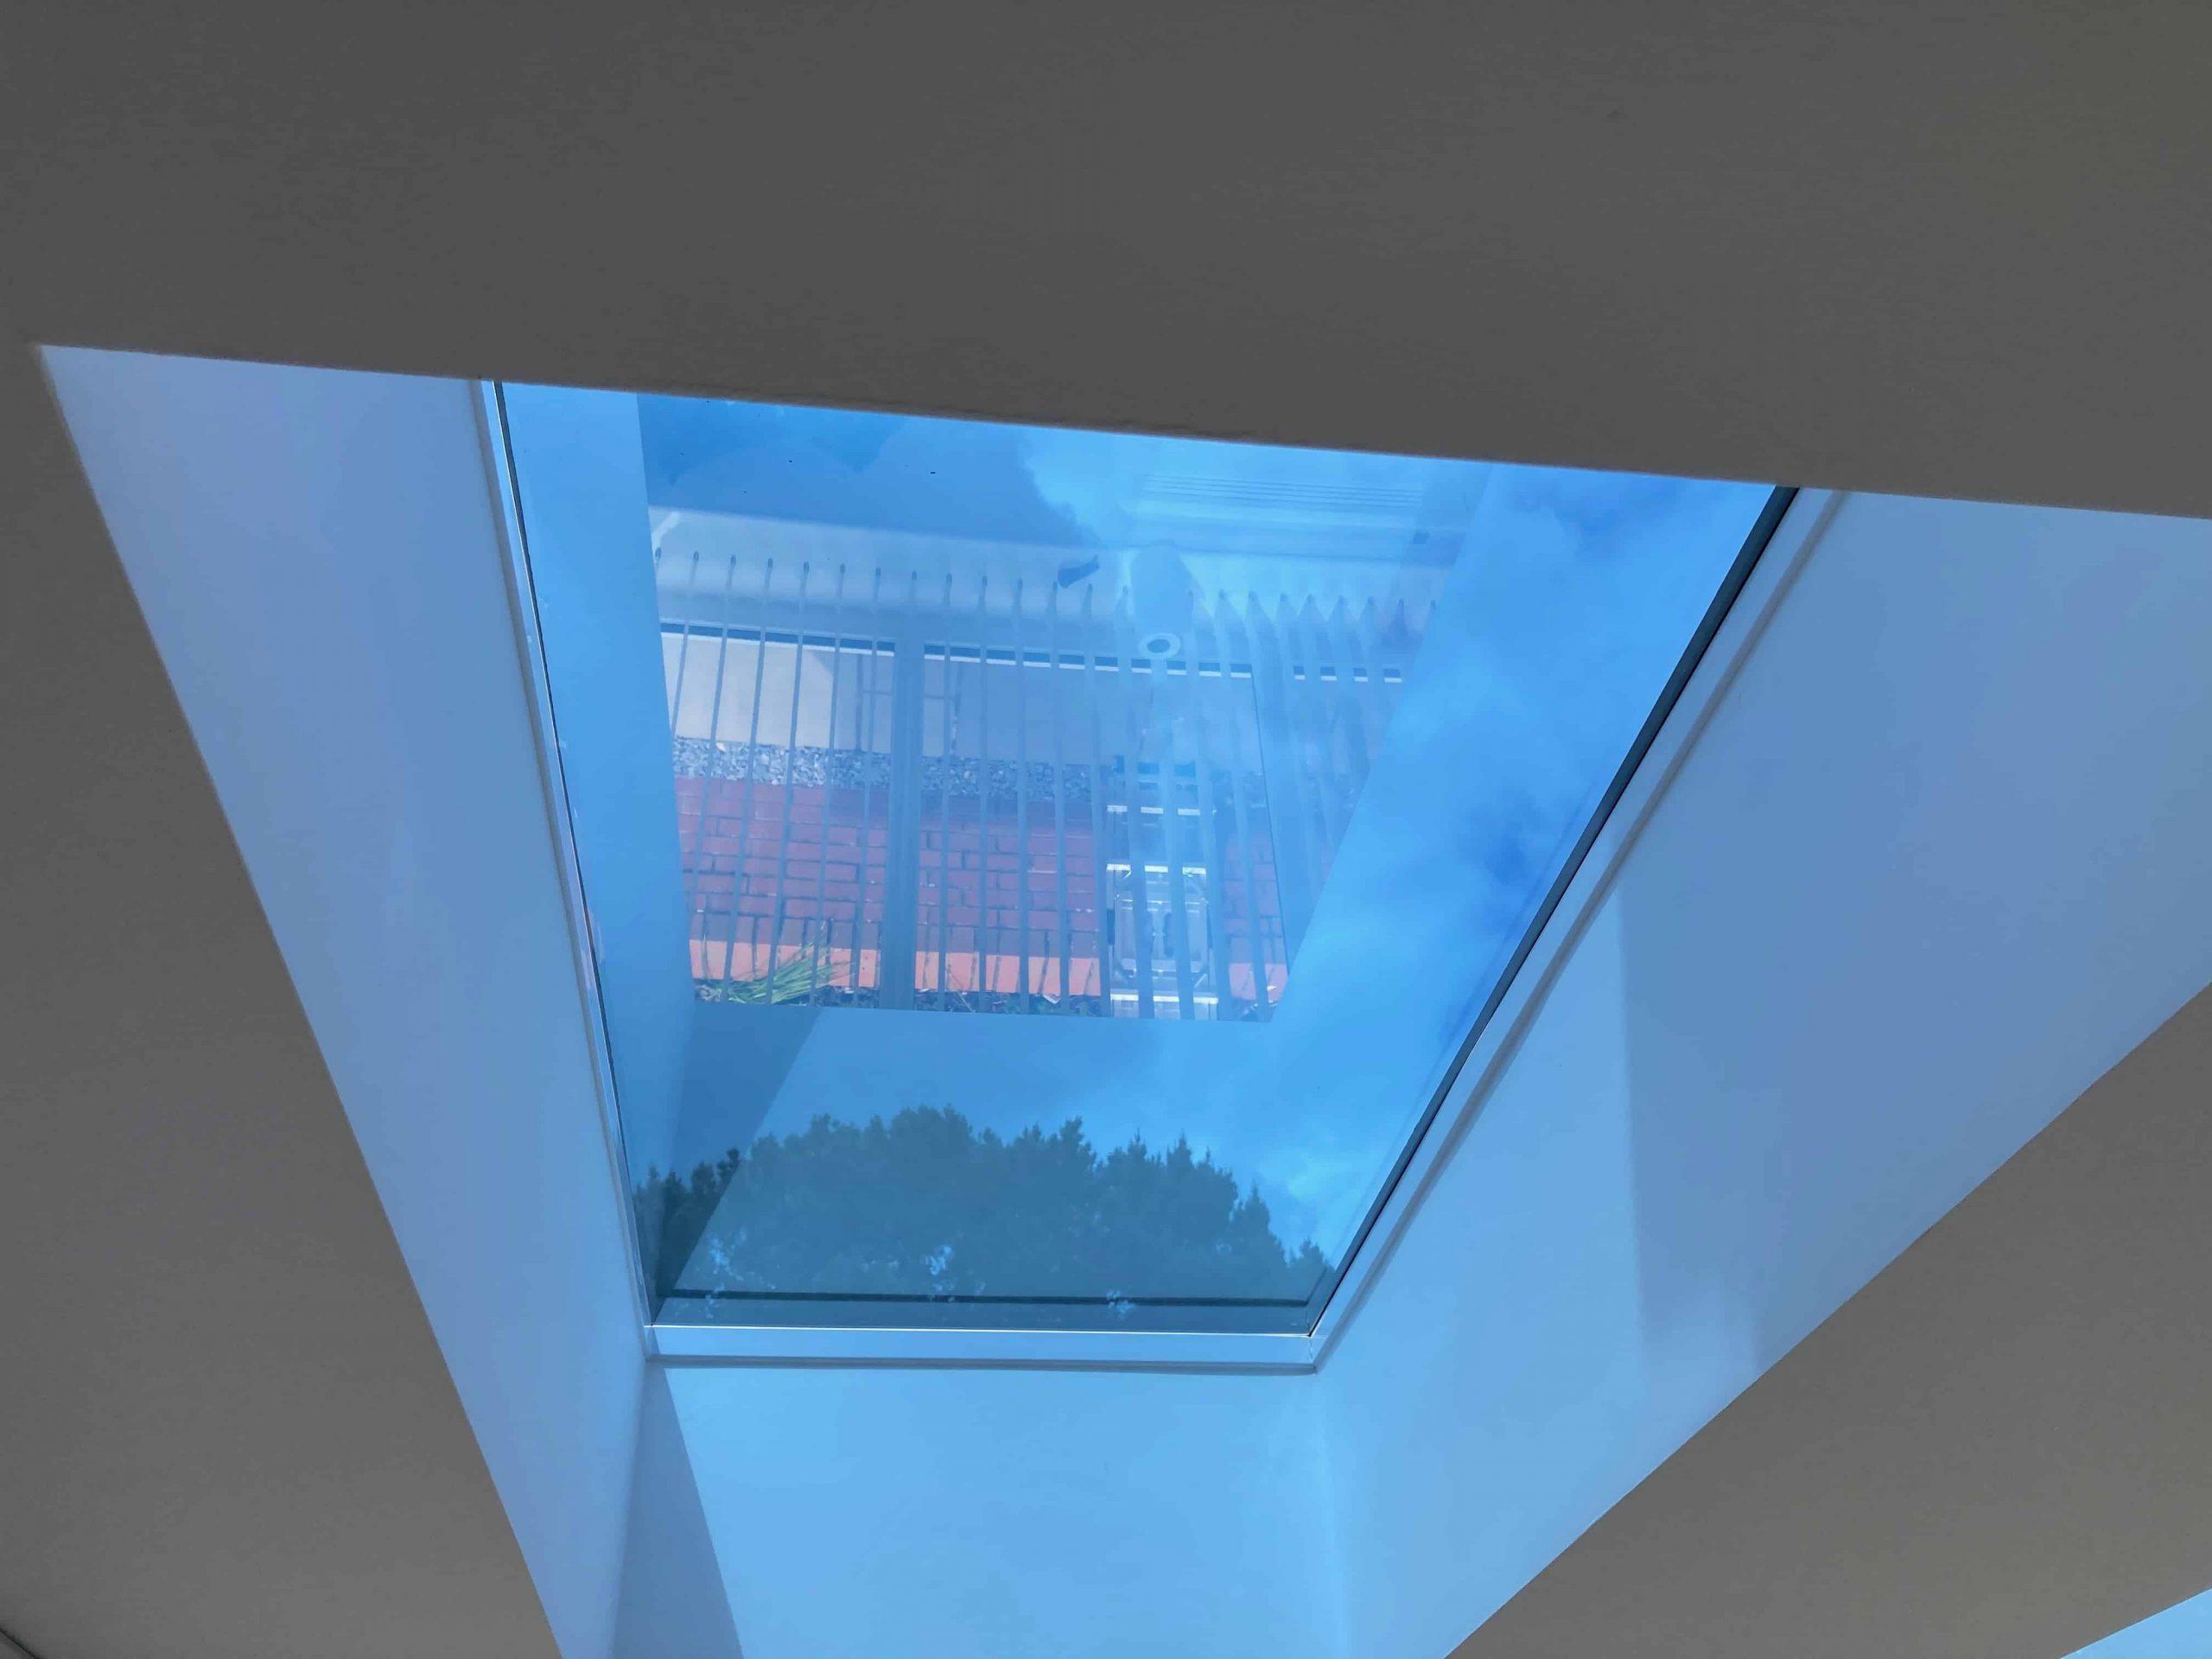 Johnson MBL20 Window Film Exeter Skylight